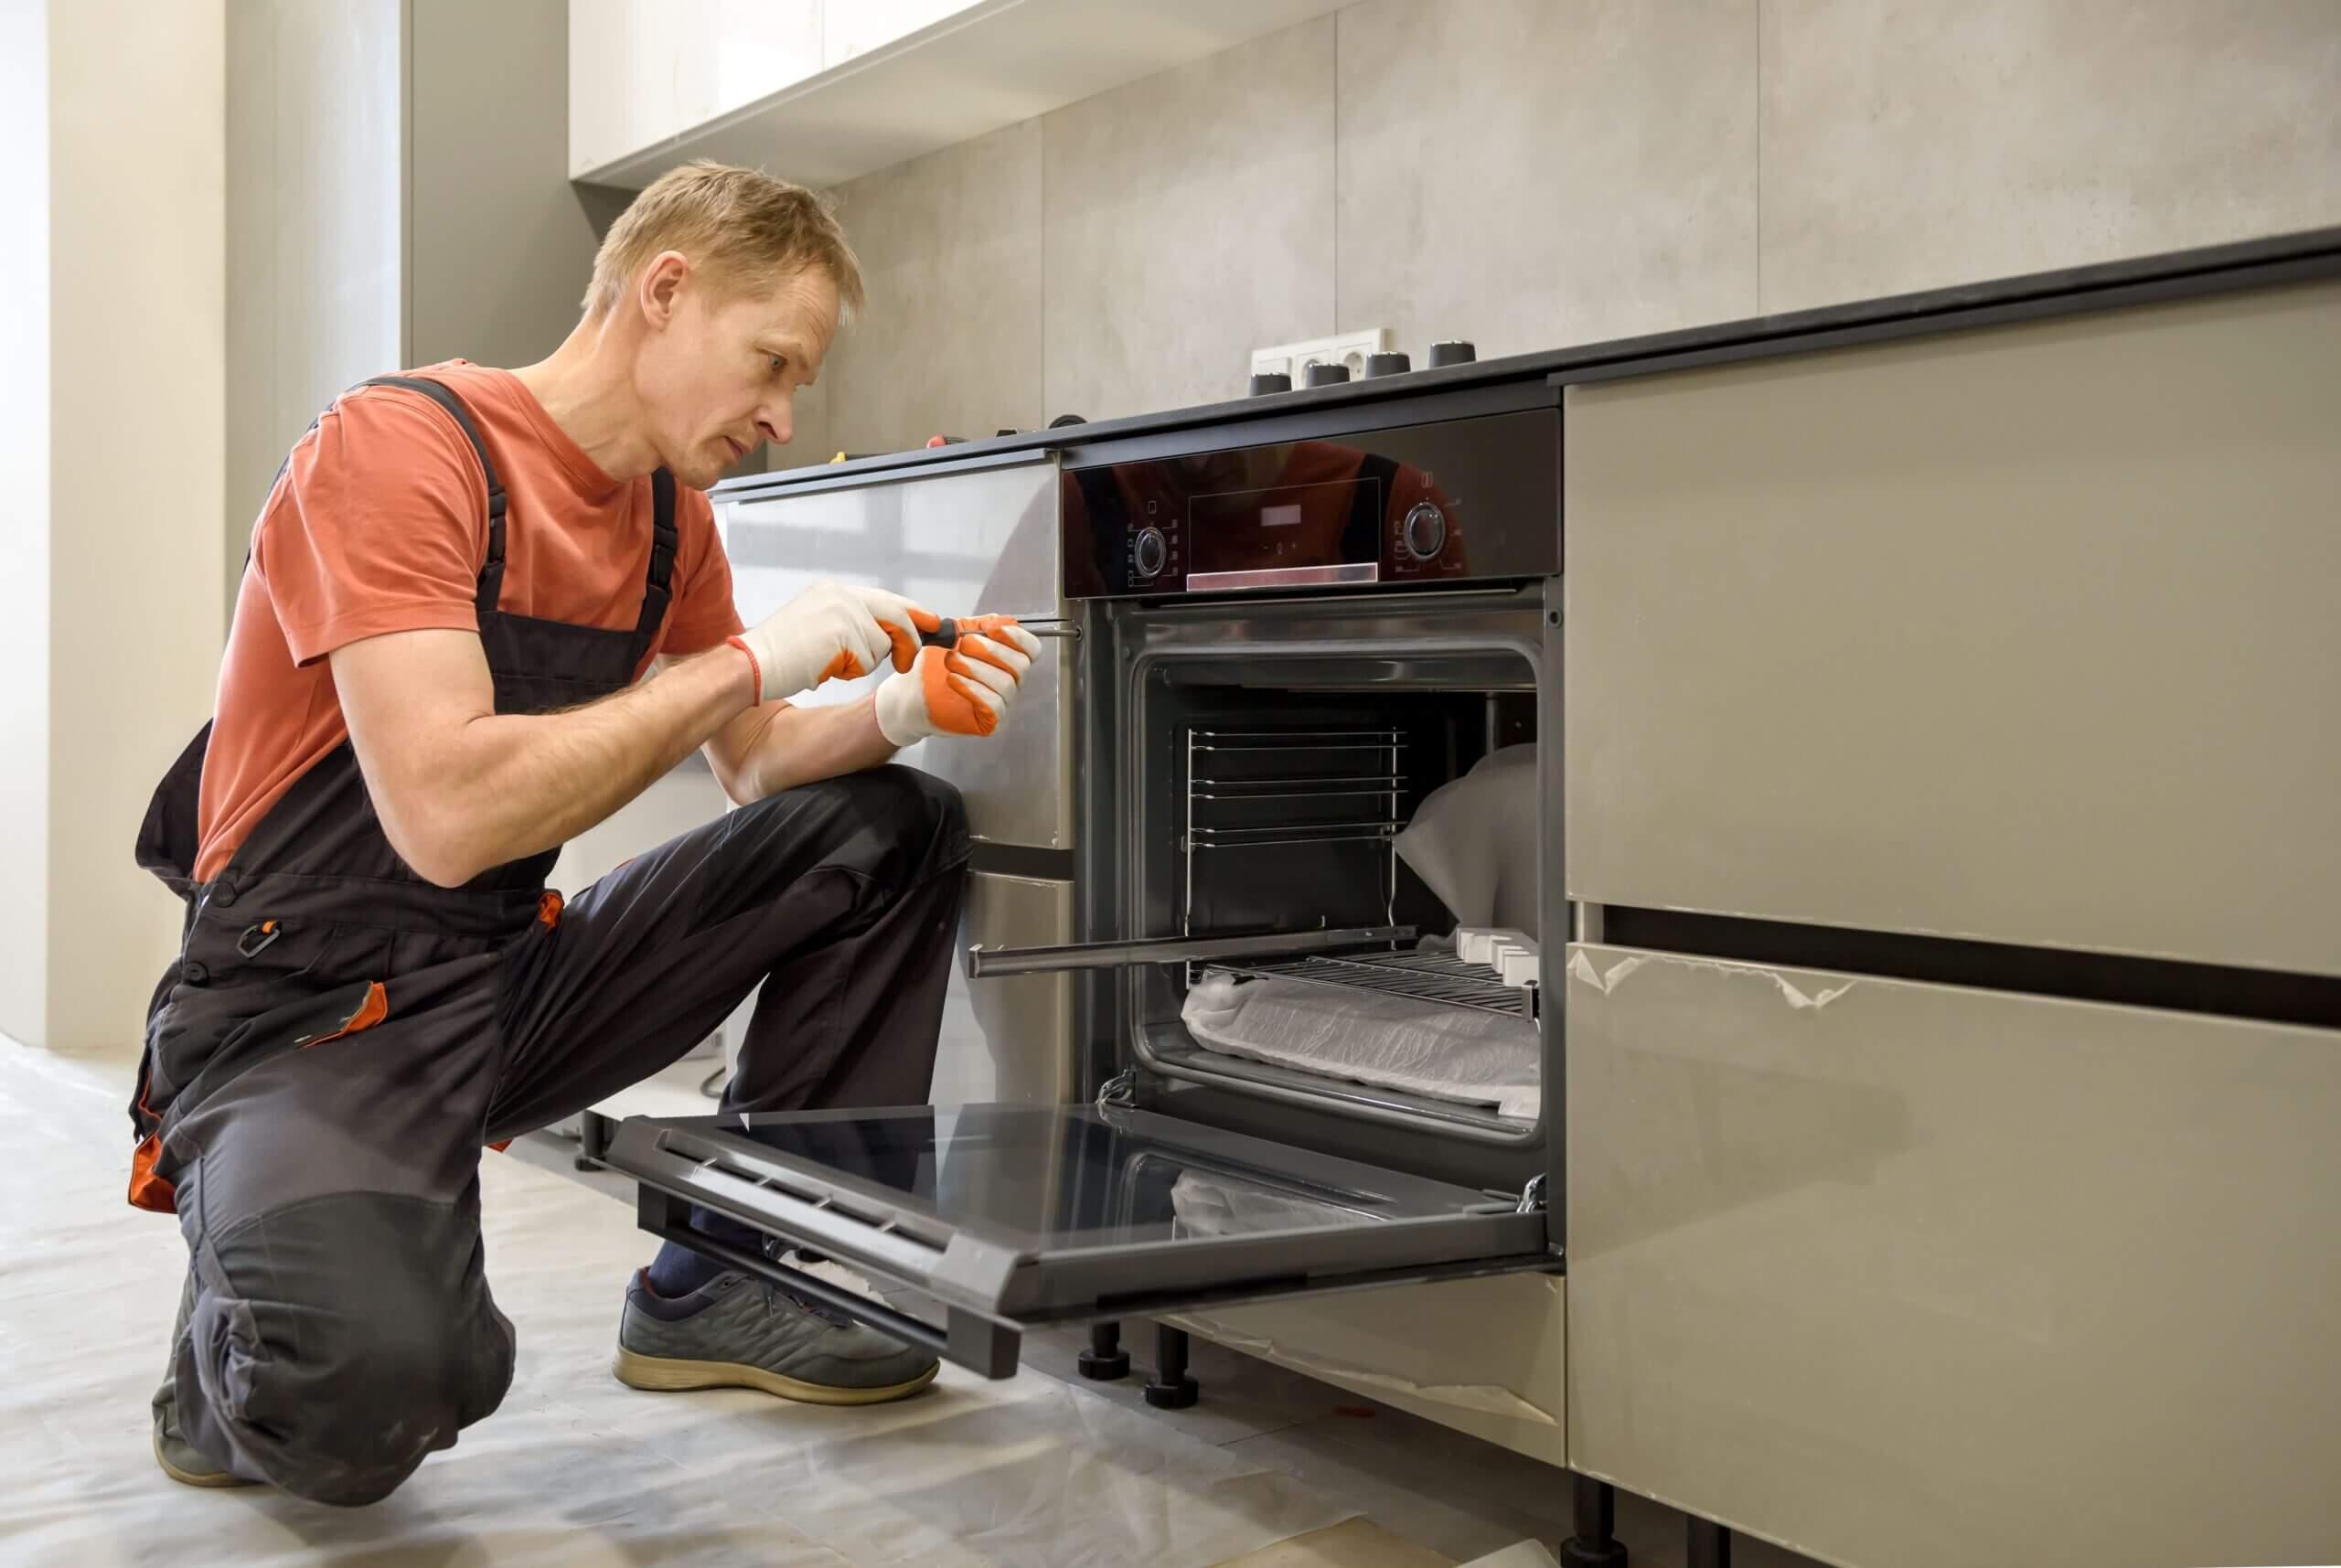 defekte elektrogeräte reparieren